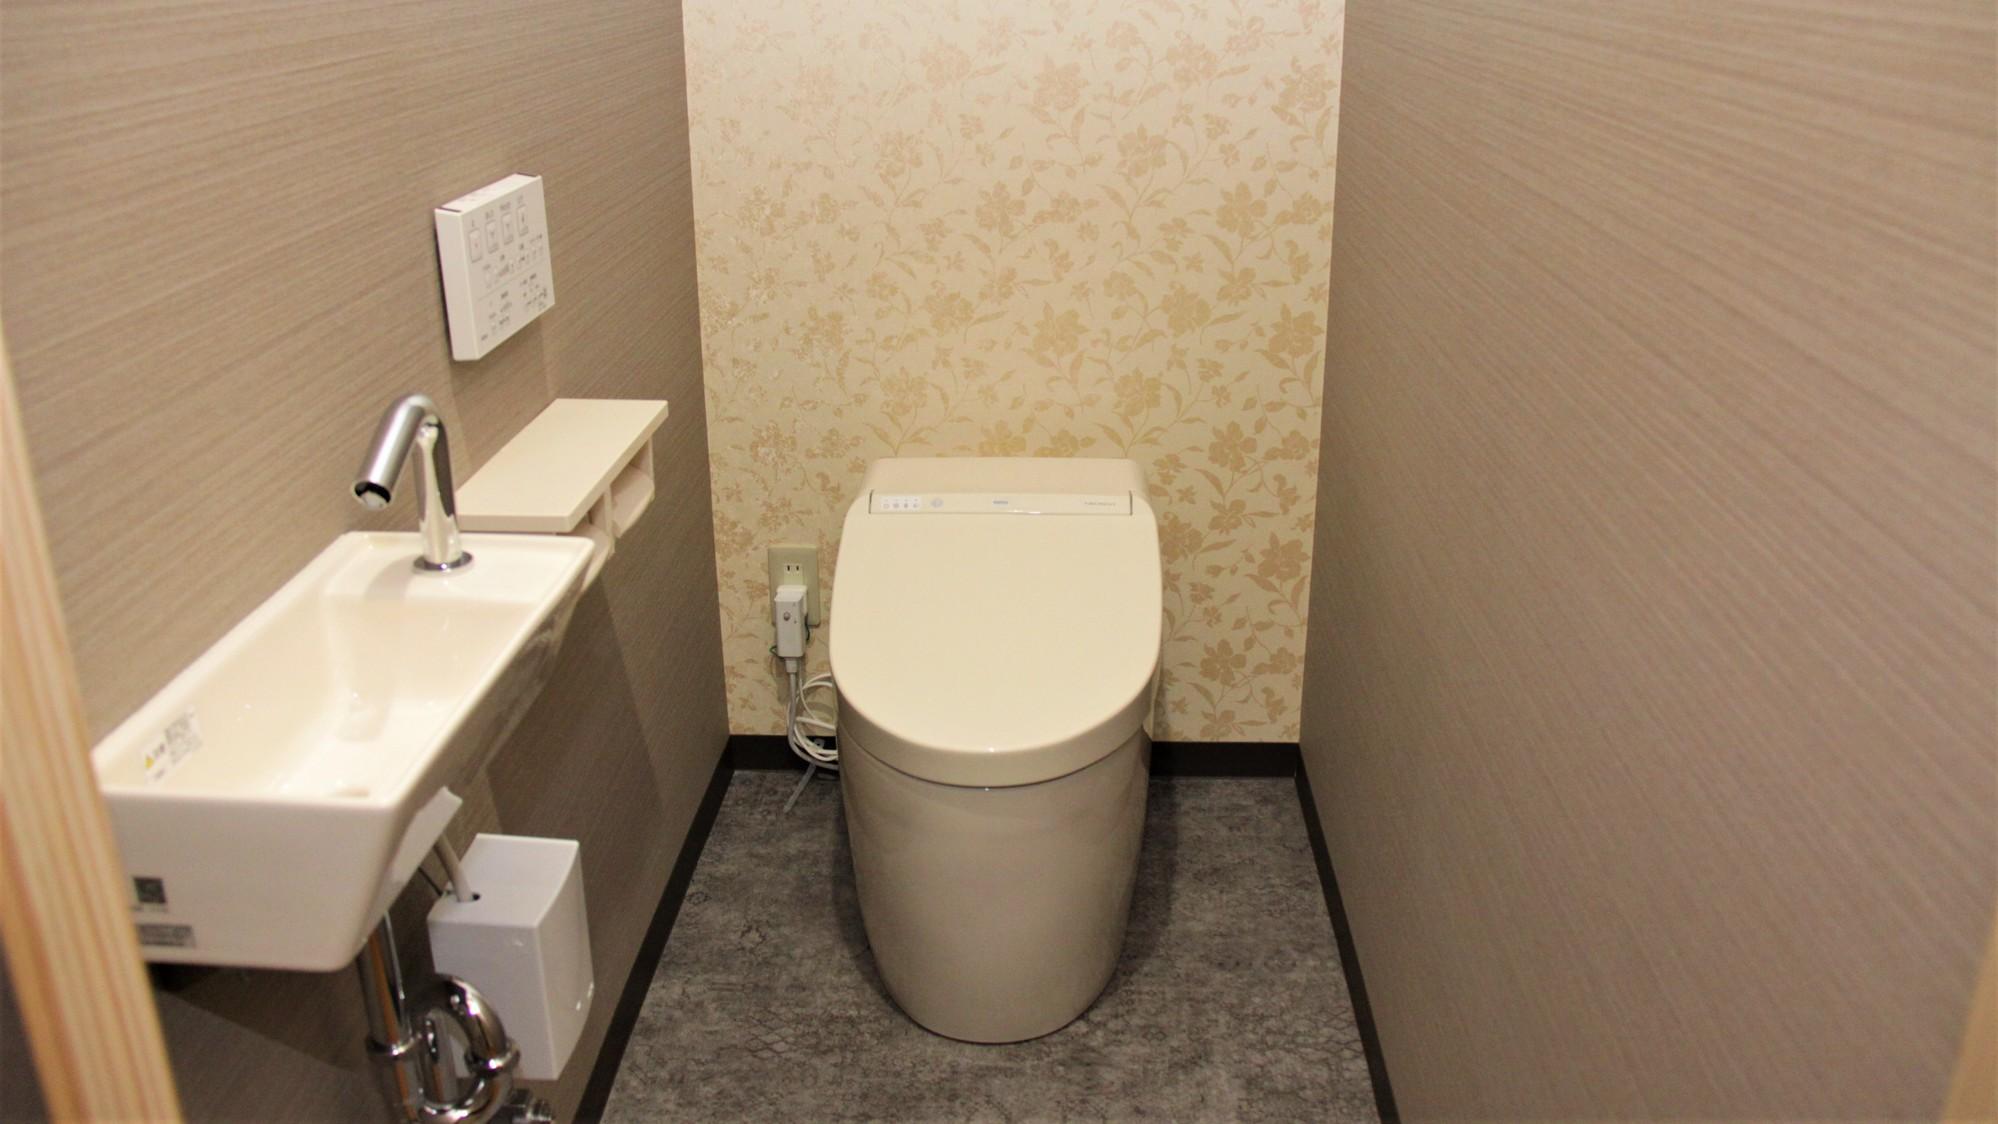 客室内トイレの一例